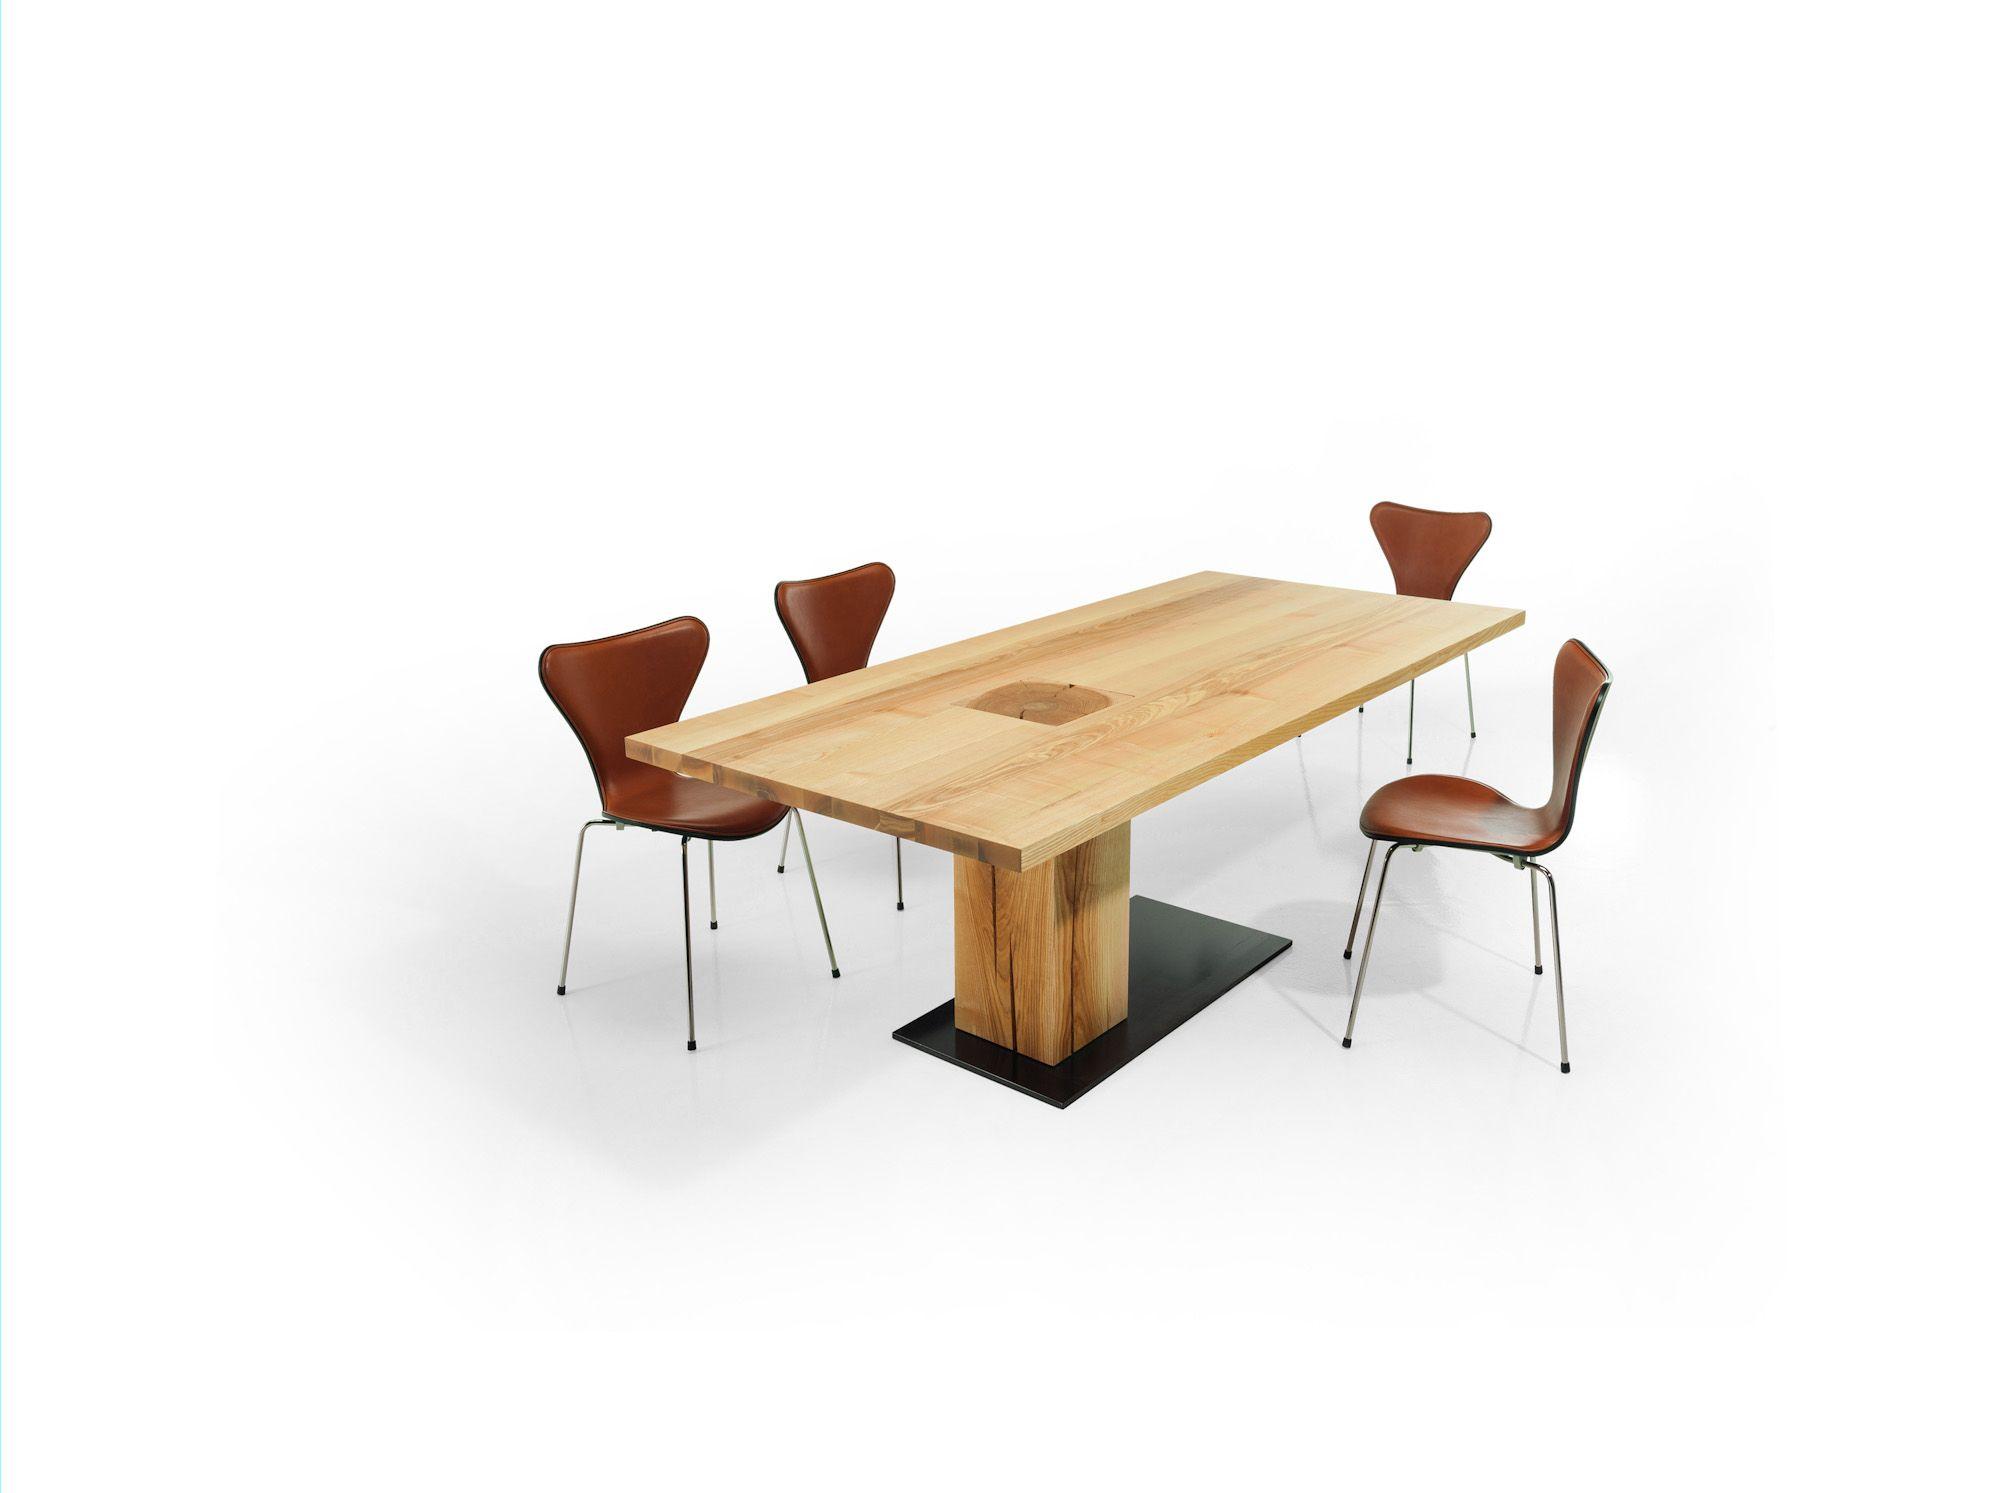 Esstisch Holz Baumstammsäule asymmetrisch bei